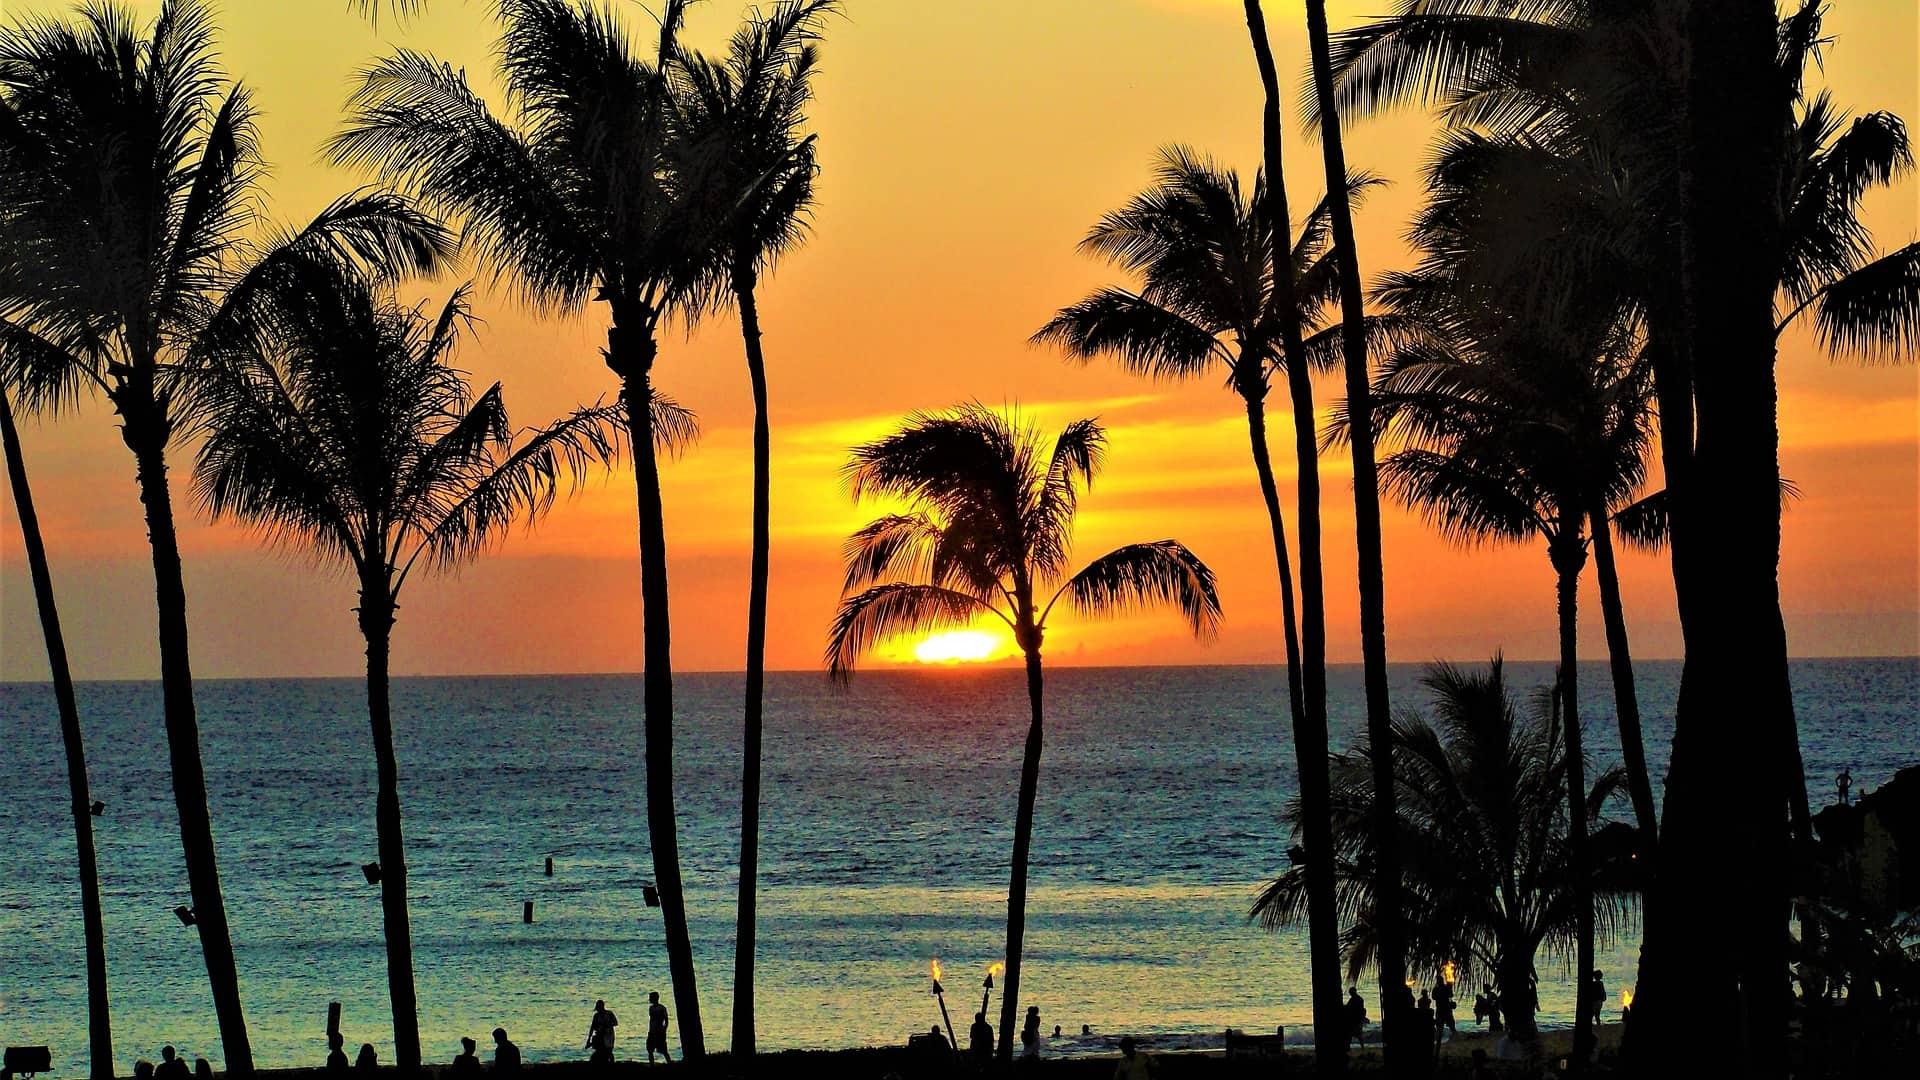 Maui Gay Bars and Hotels